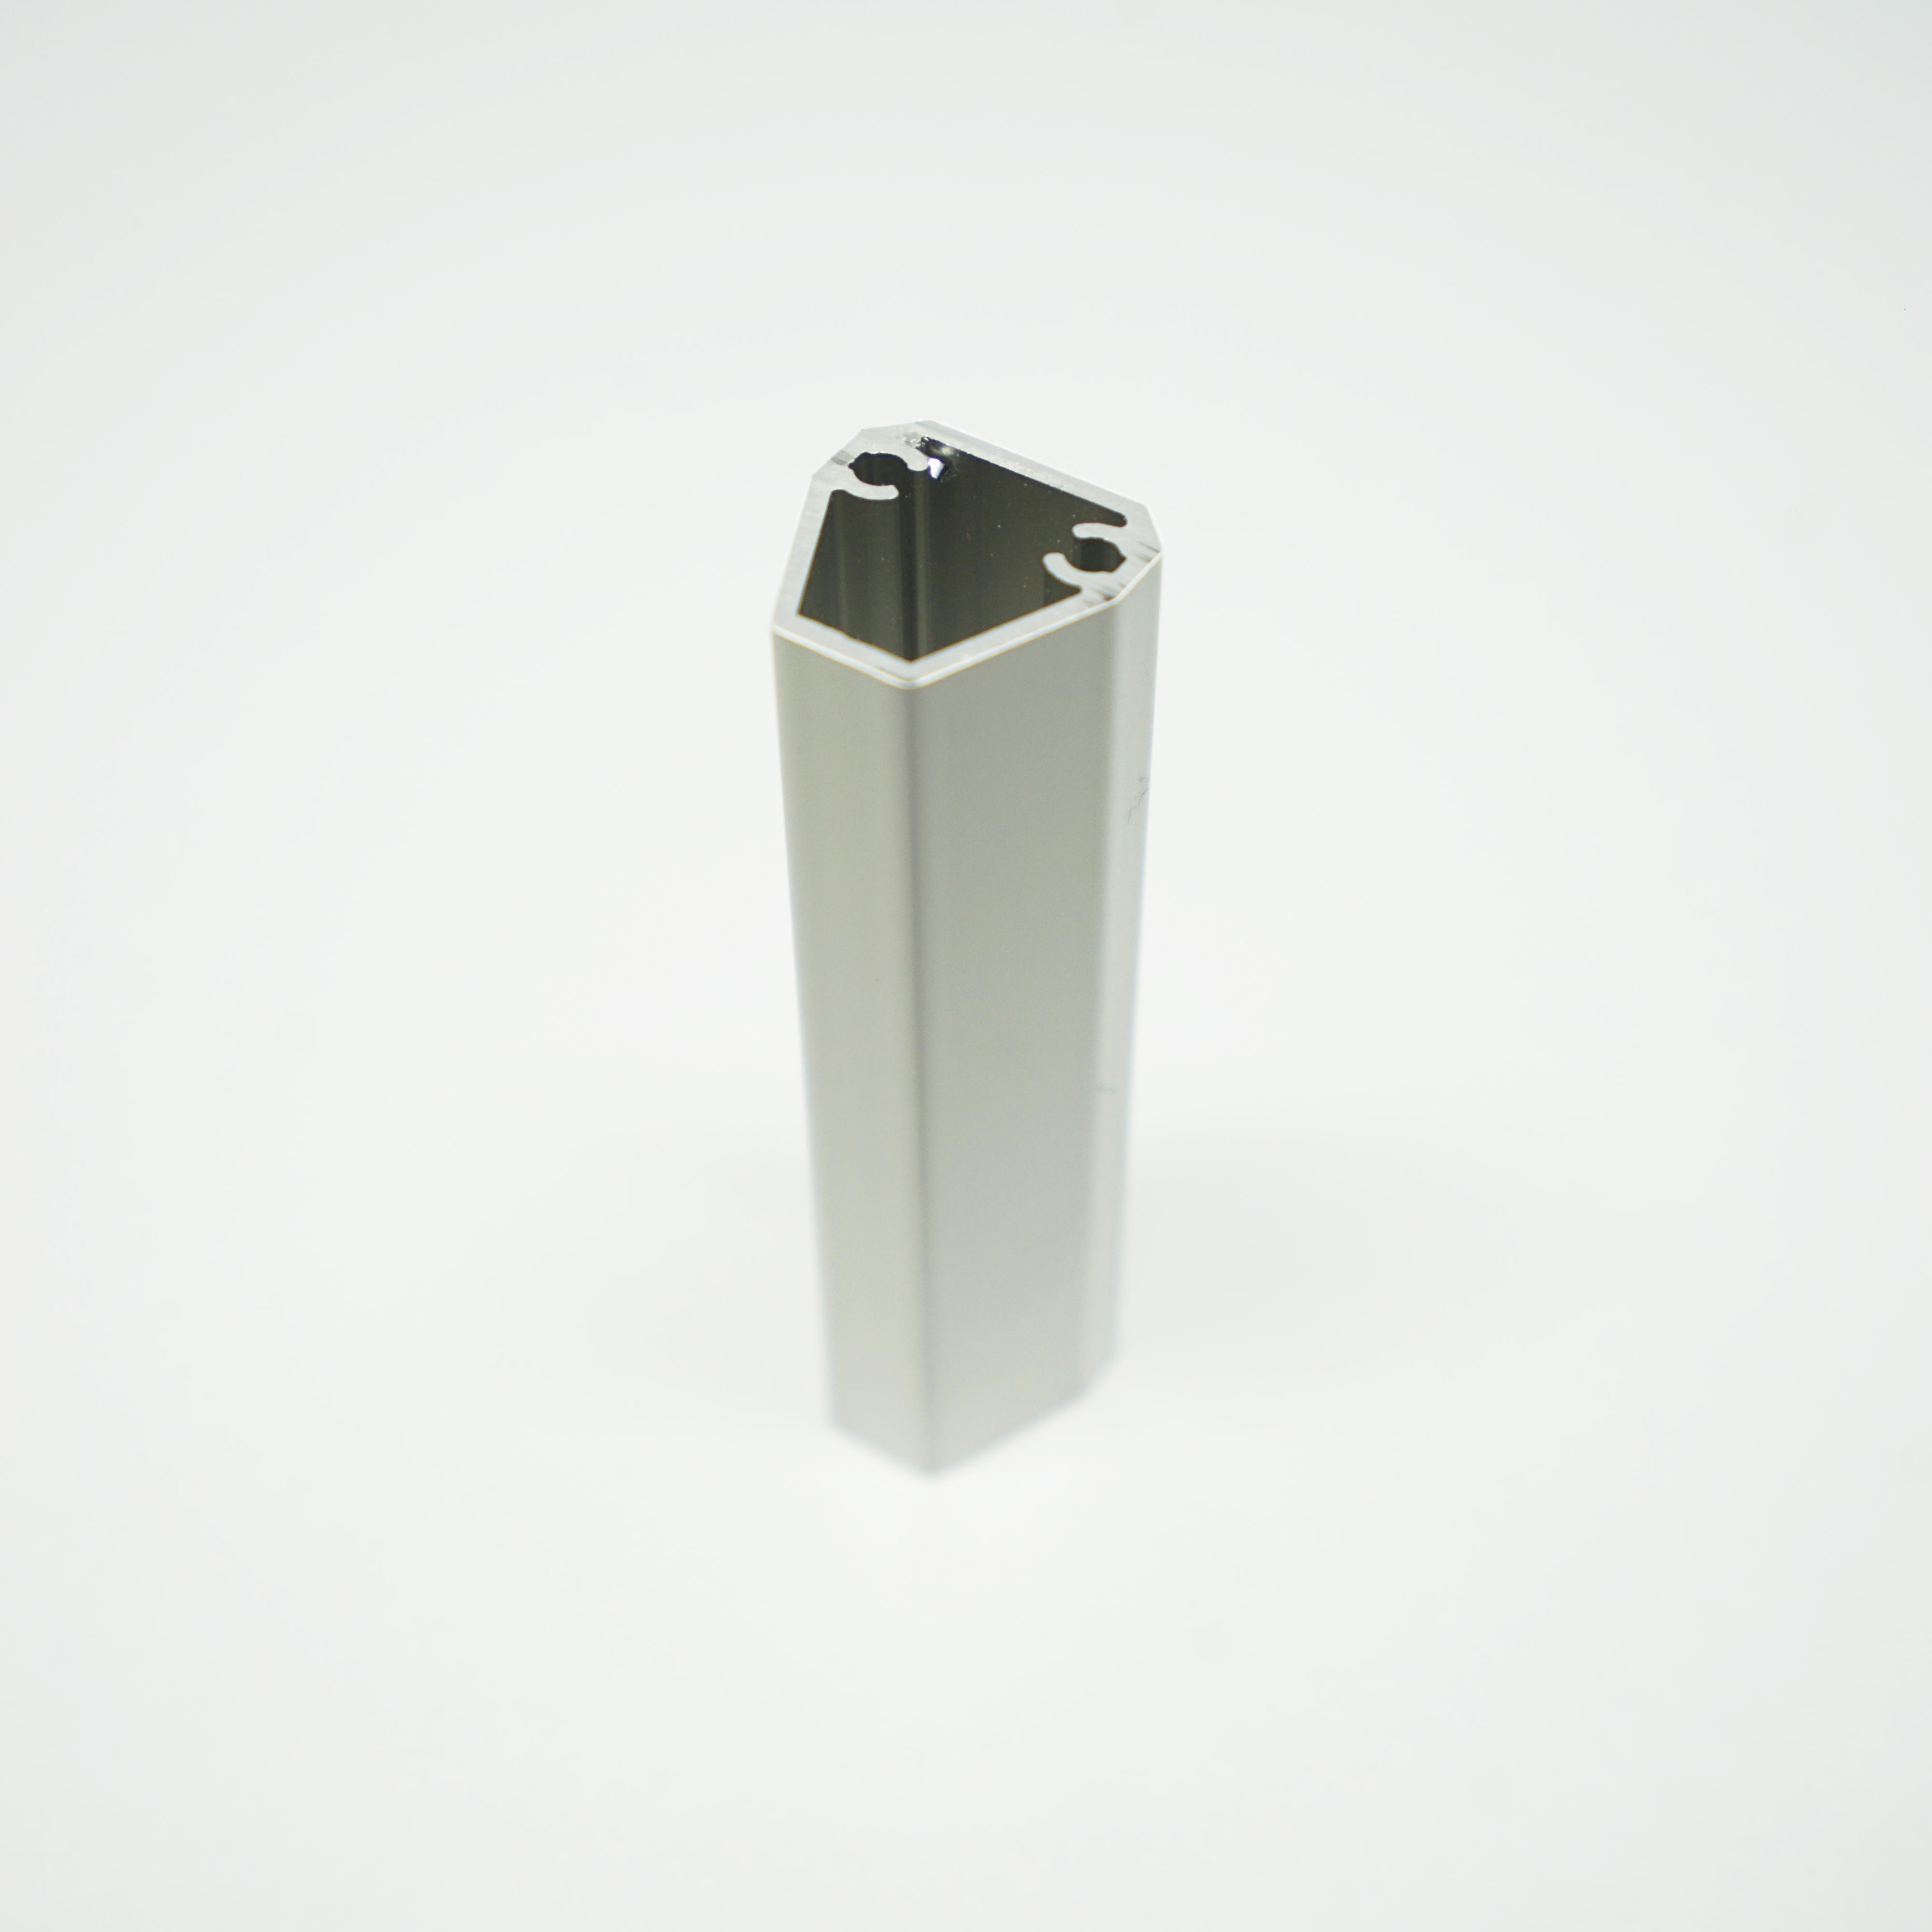 Mittelsprosse 20 x 20 mm von ms Sprossenelemente